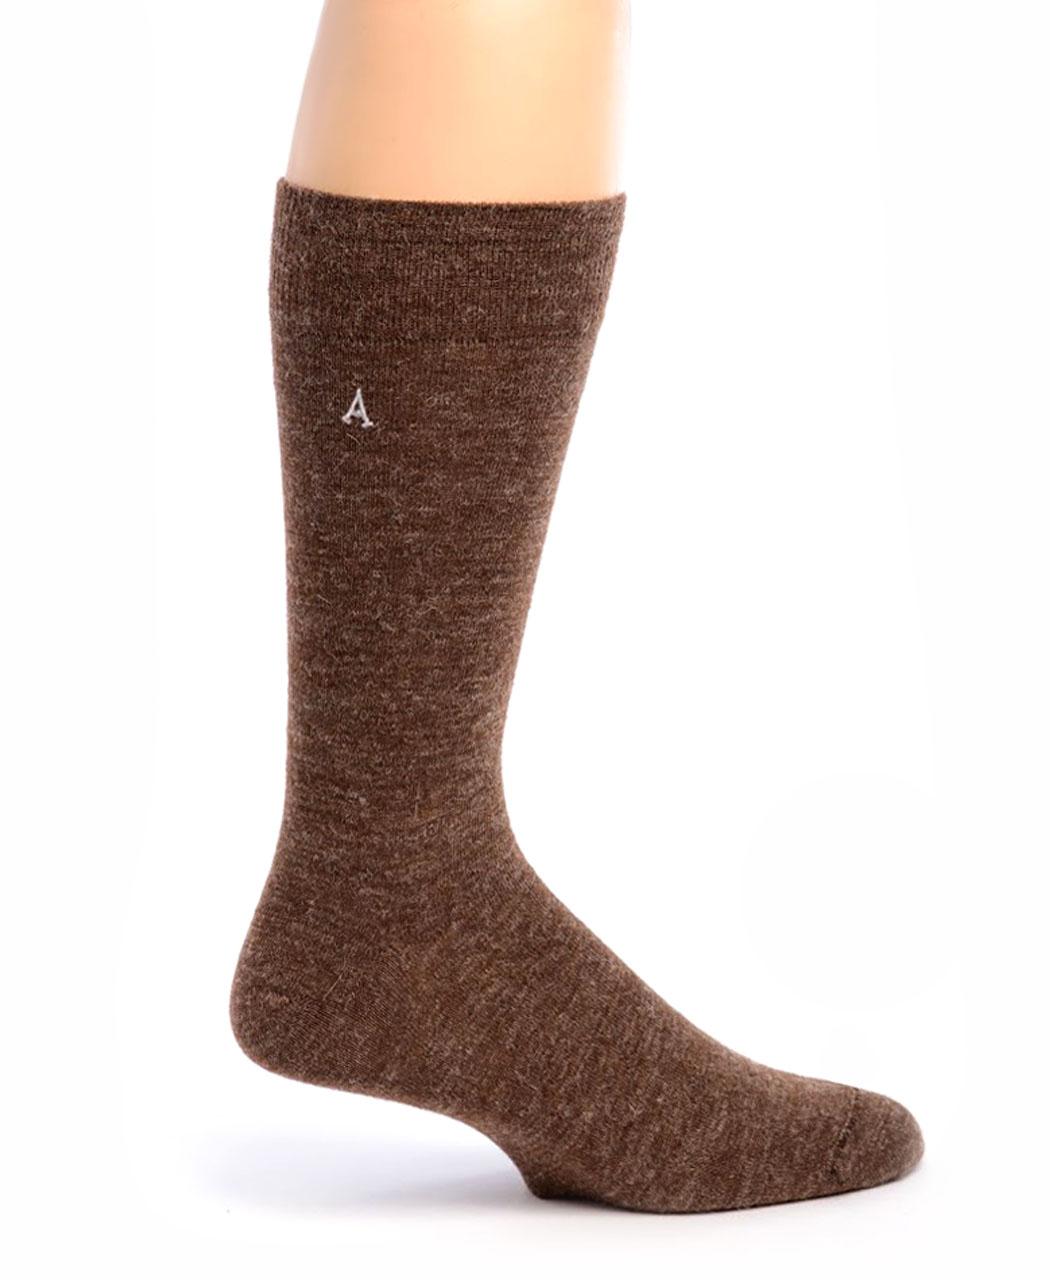 Men's Alpaca Trouser Socks Walnut Side